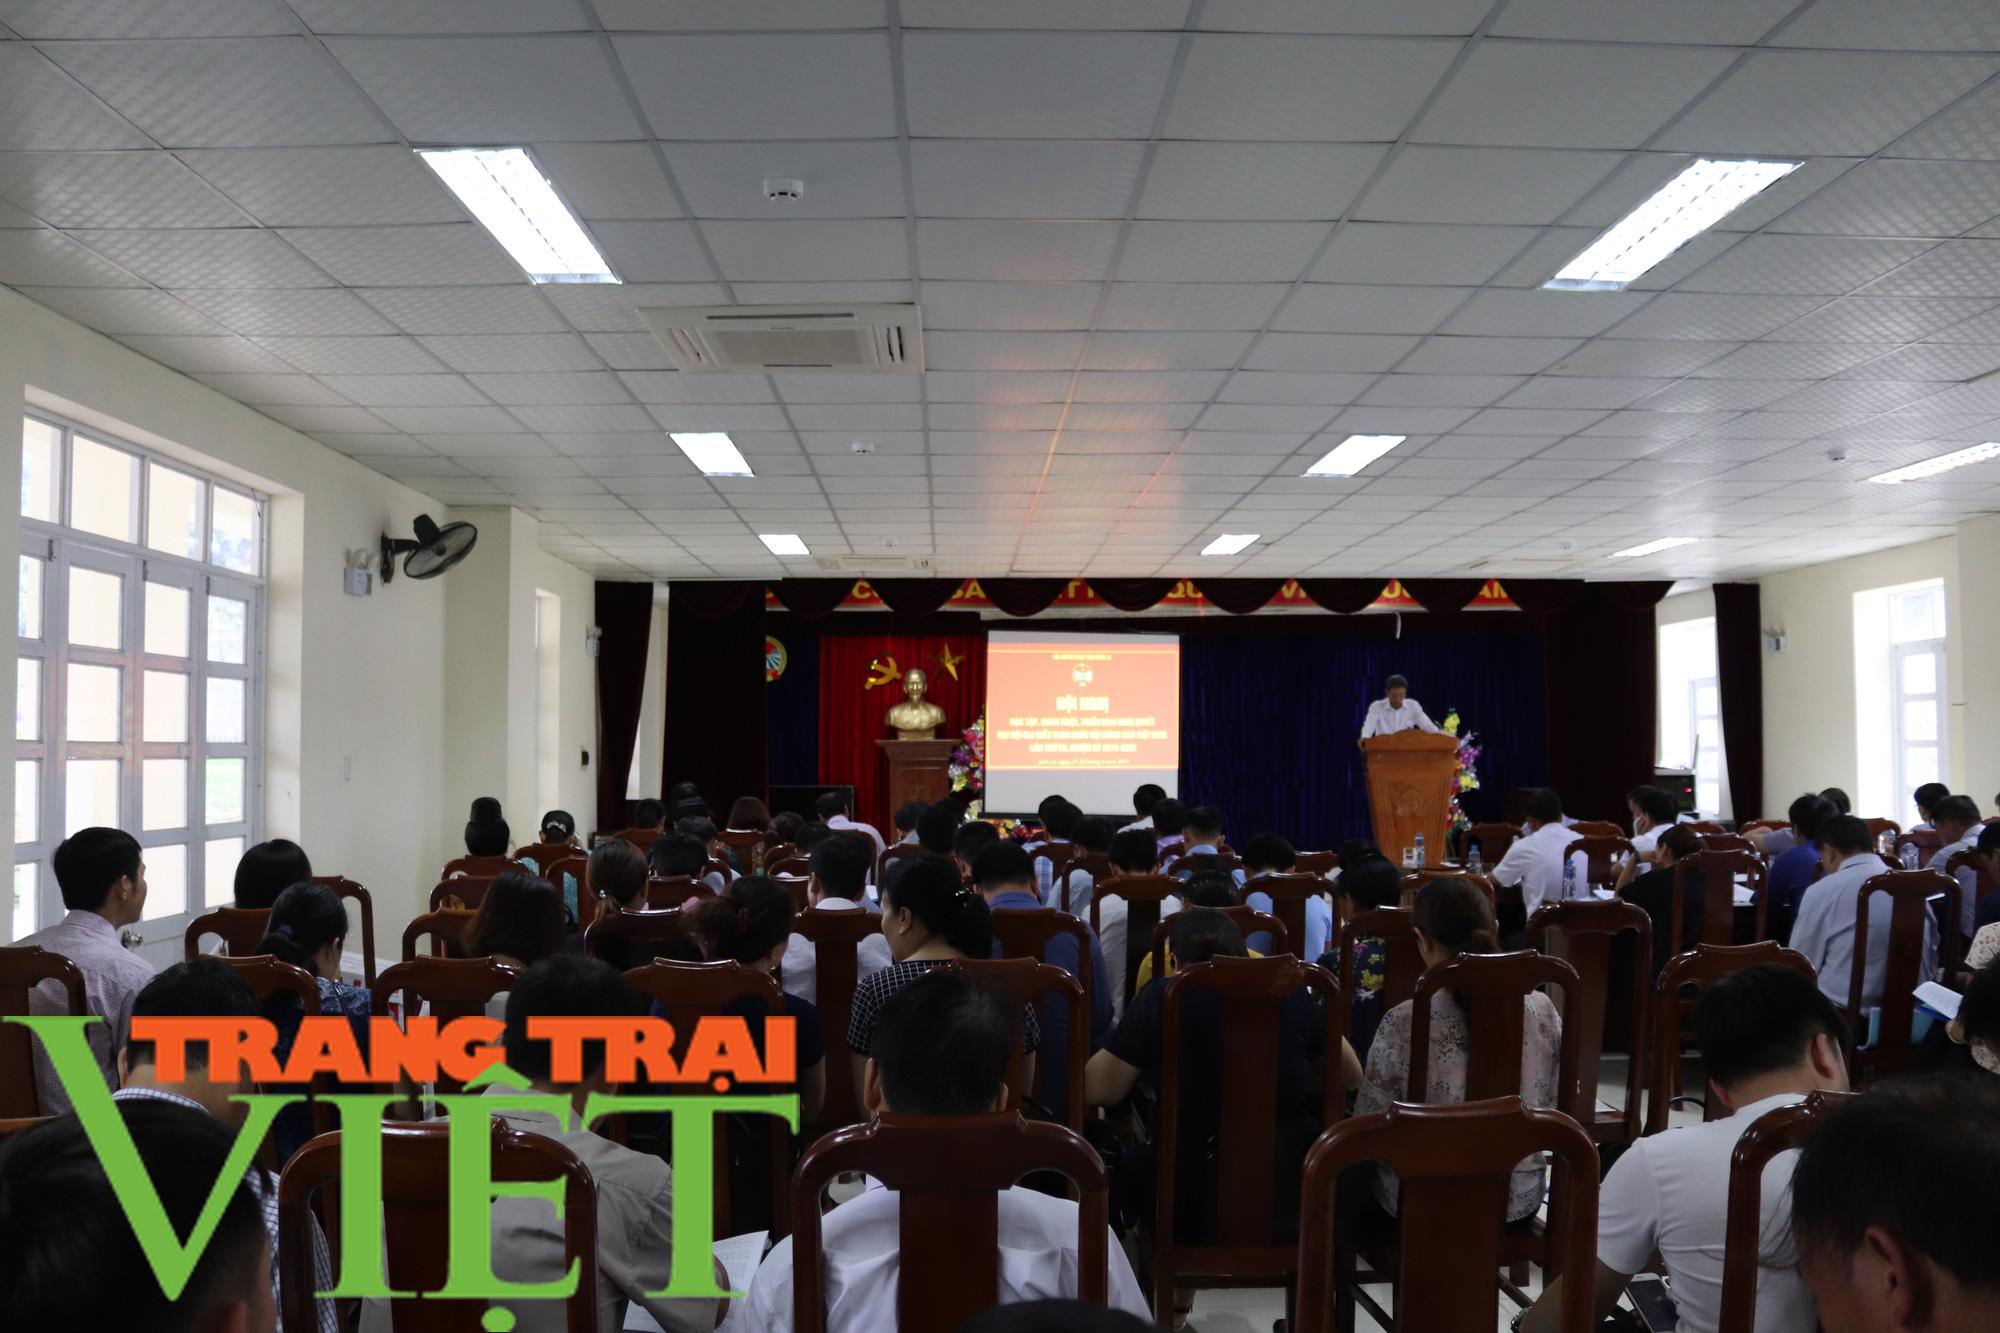 Hội Nông dân Sơn La cầm tay chỉ việc hội viên phát triển kinh tế - Ảnh 1.